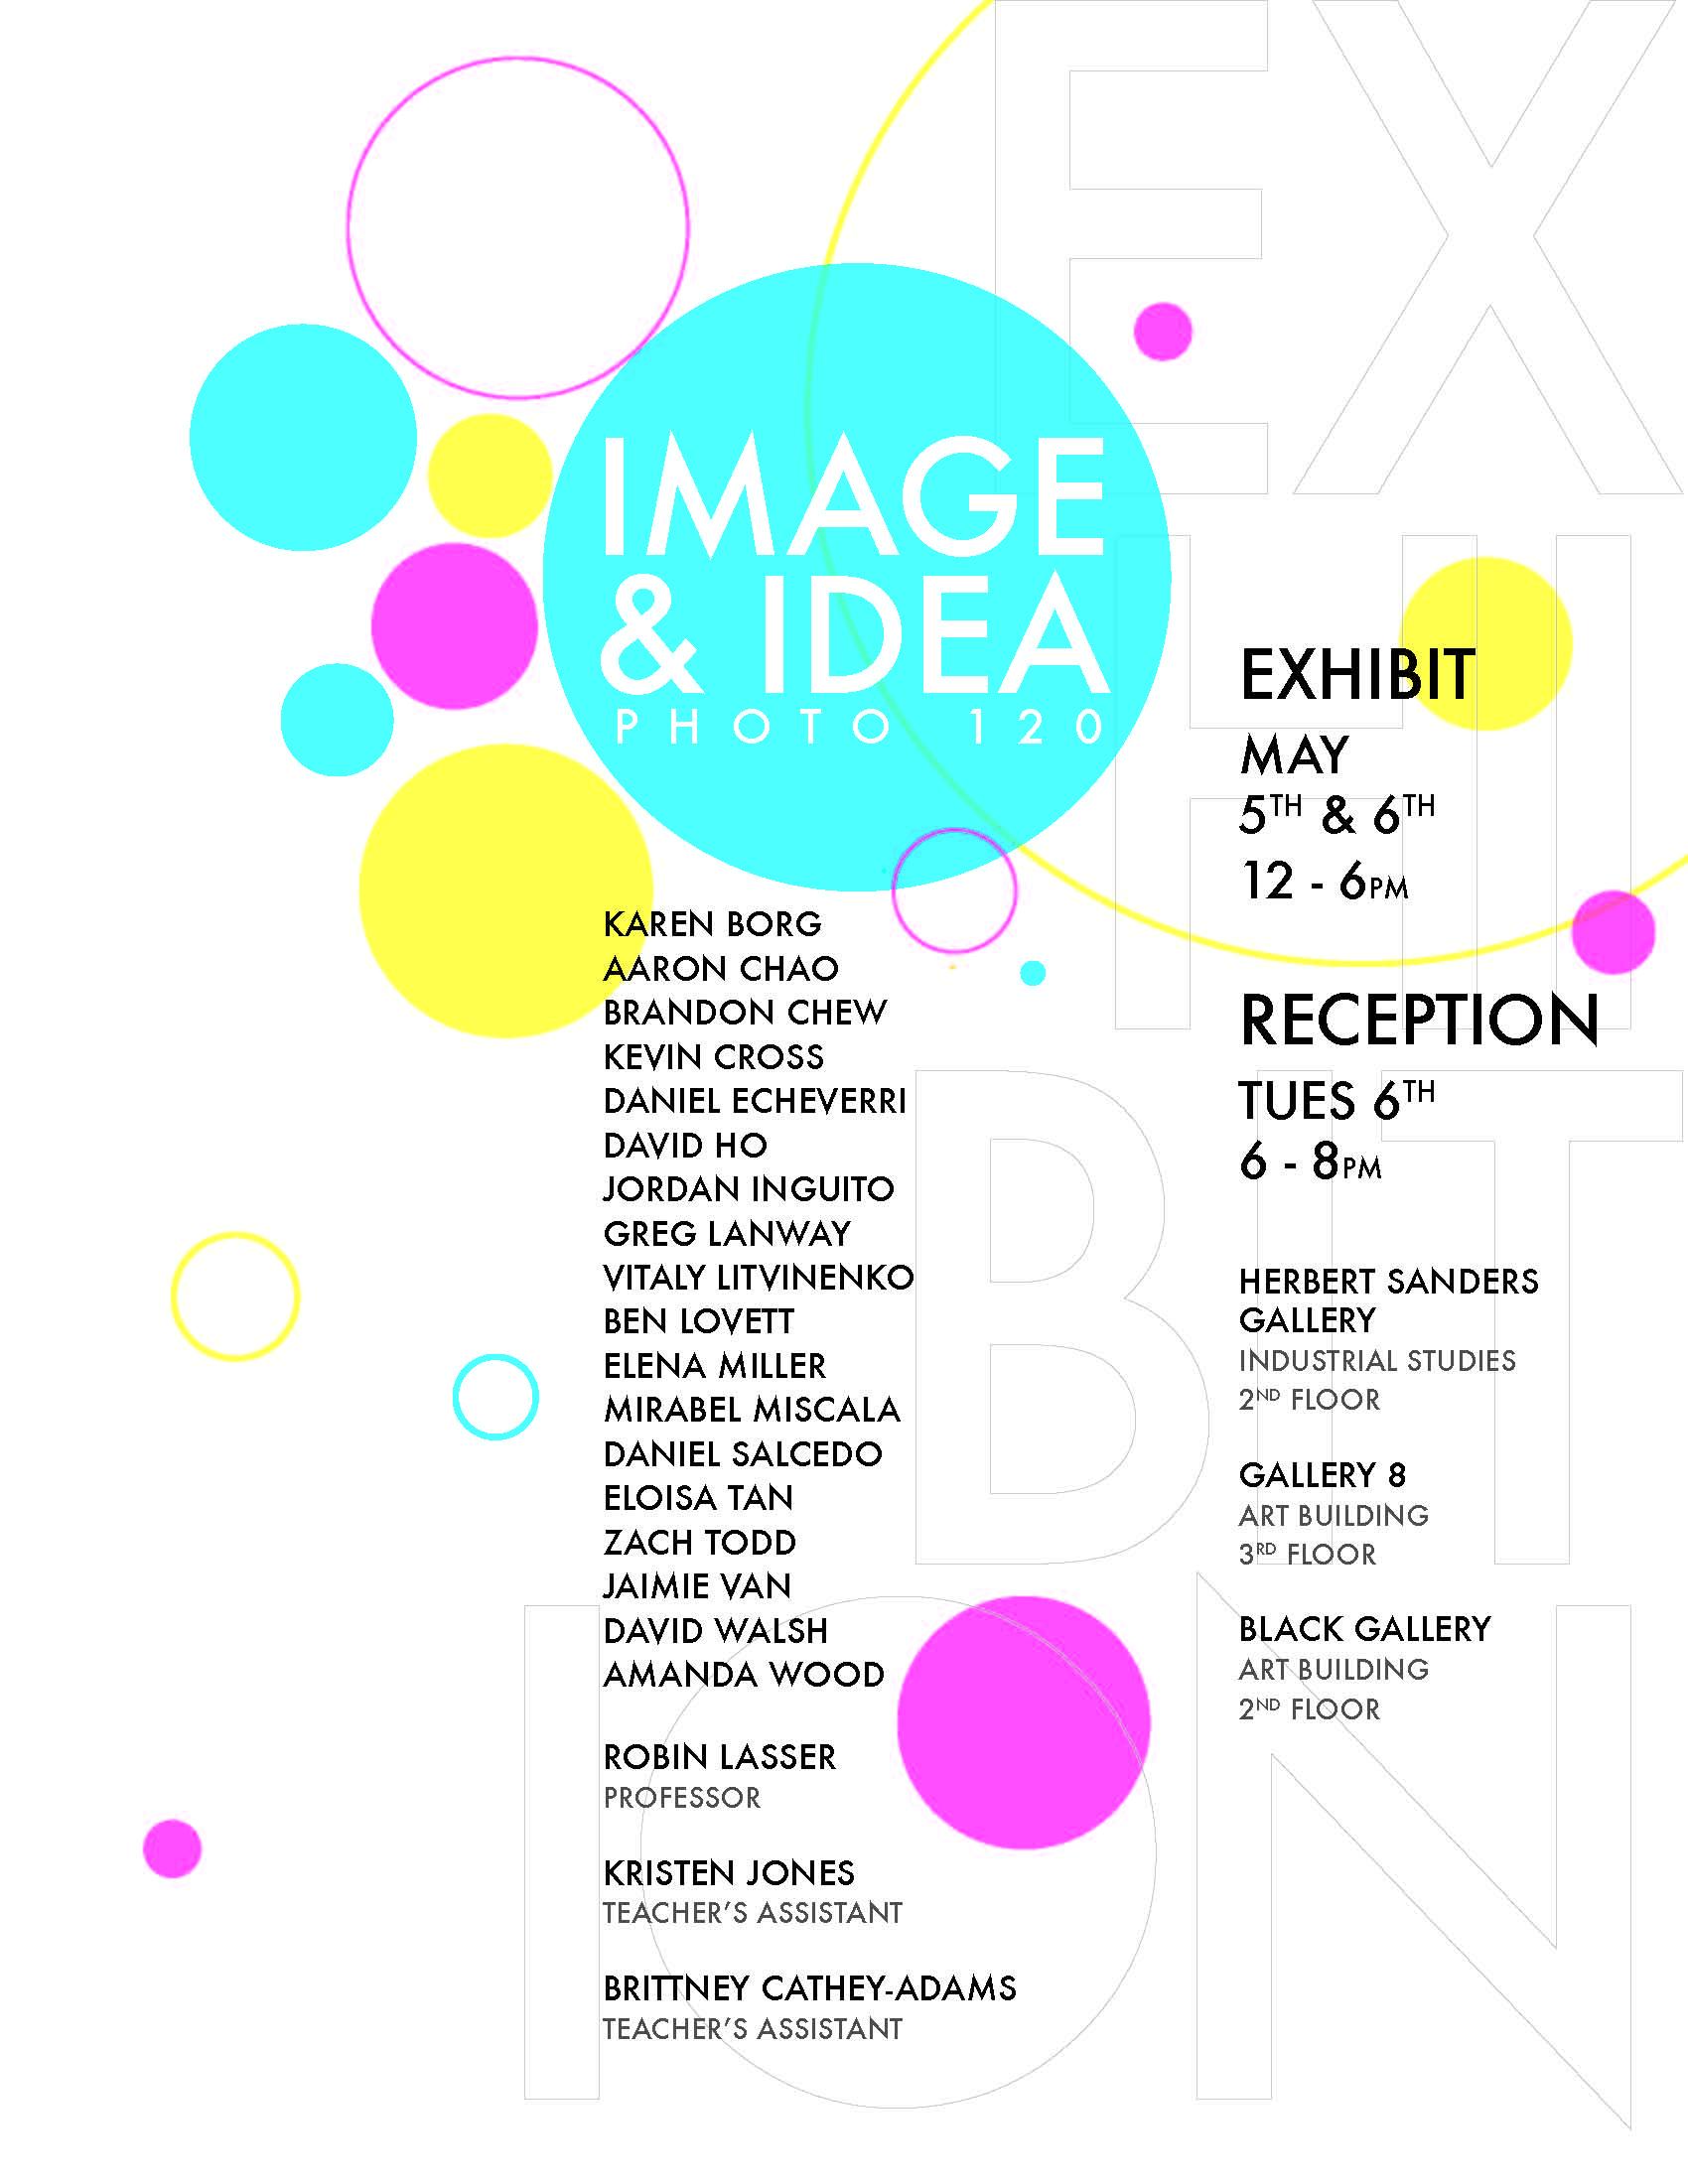 exhibit poster